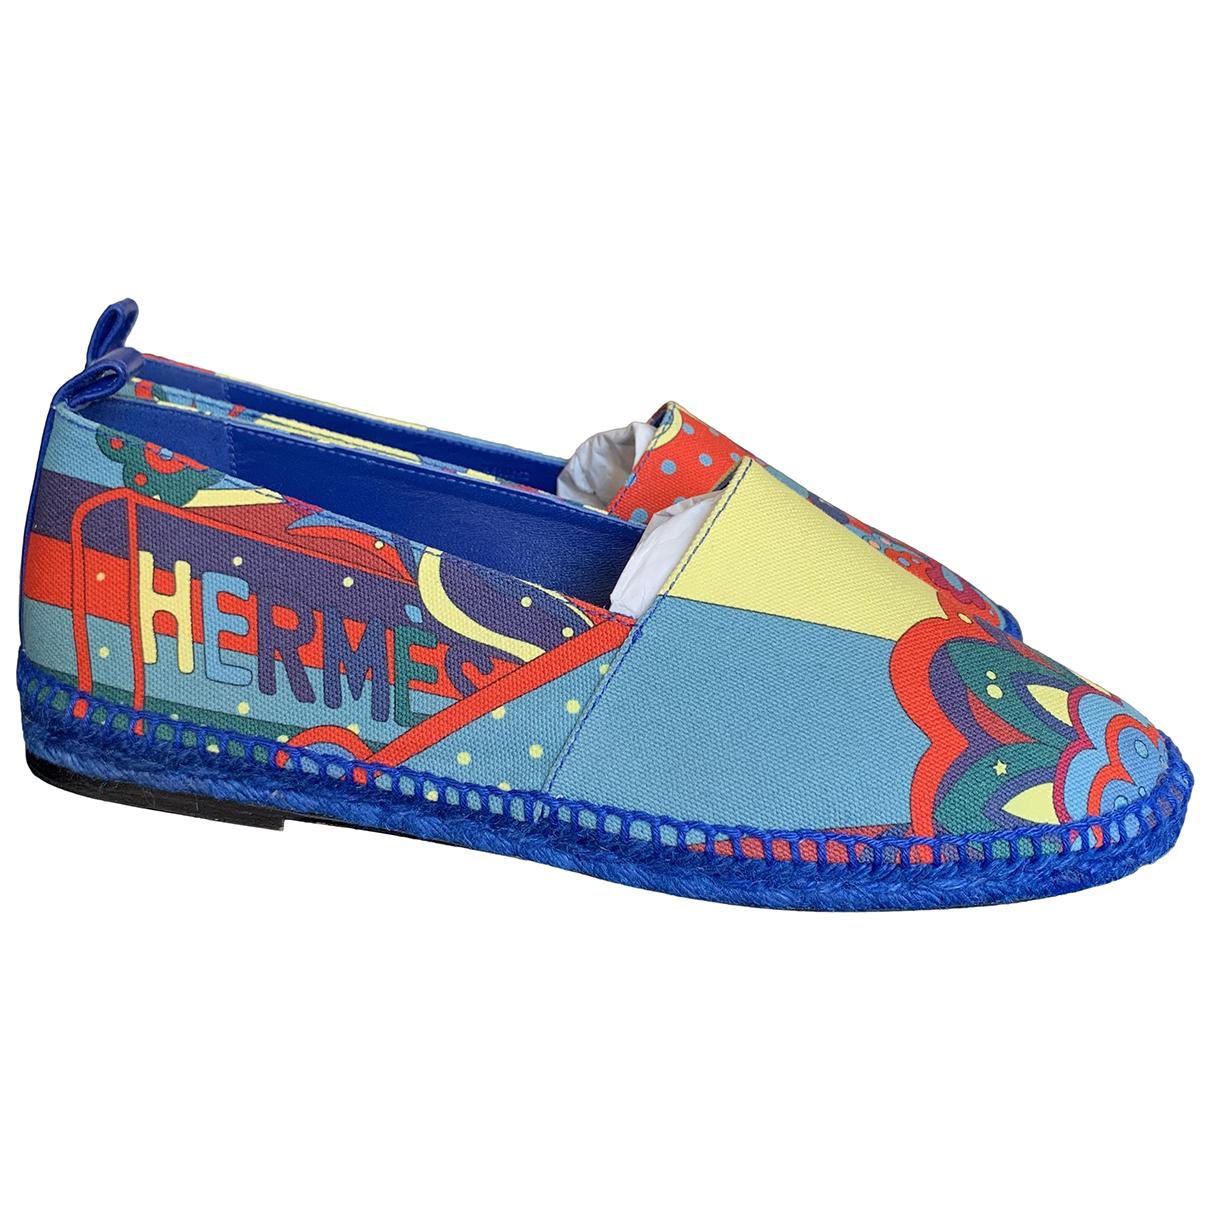 Hermes \N Espadrilles in  Blau Leinen